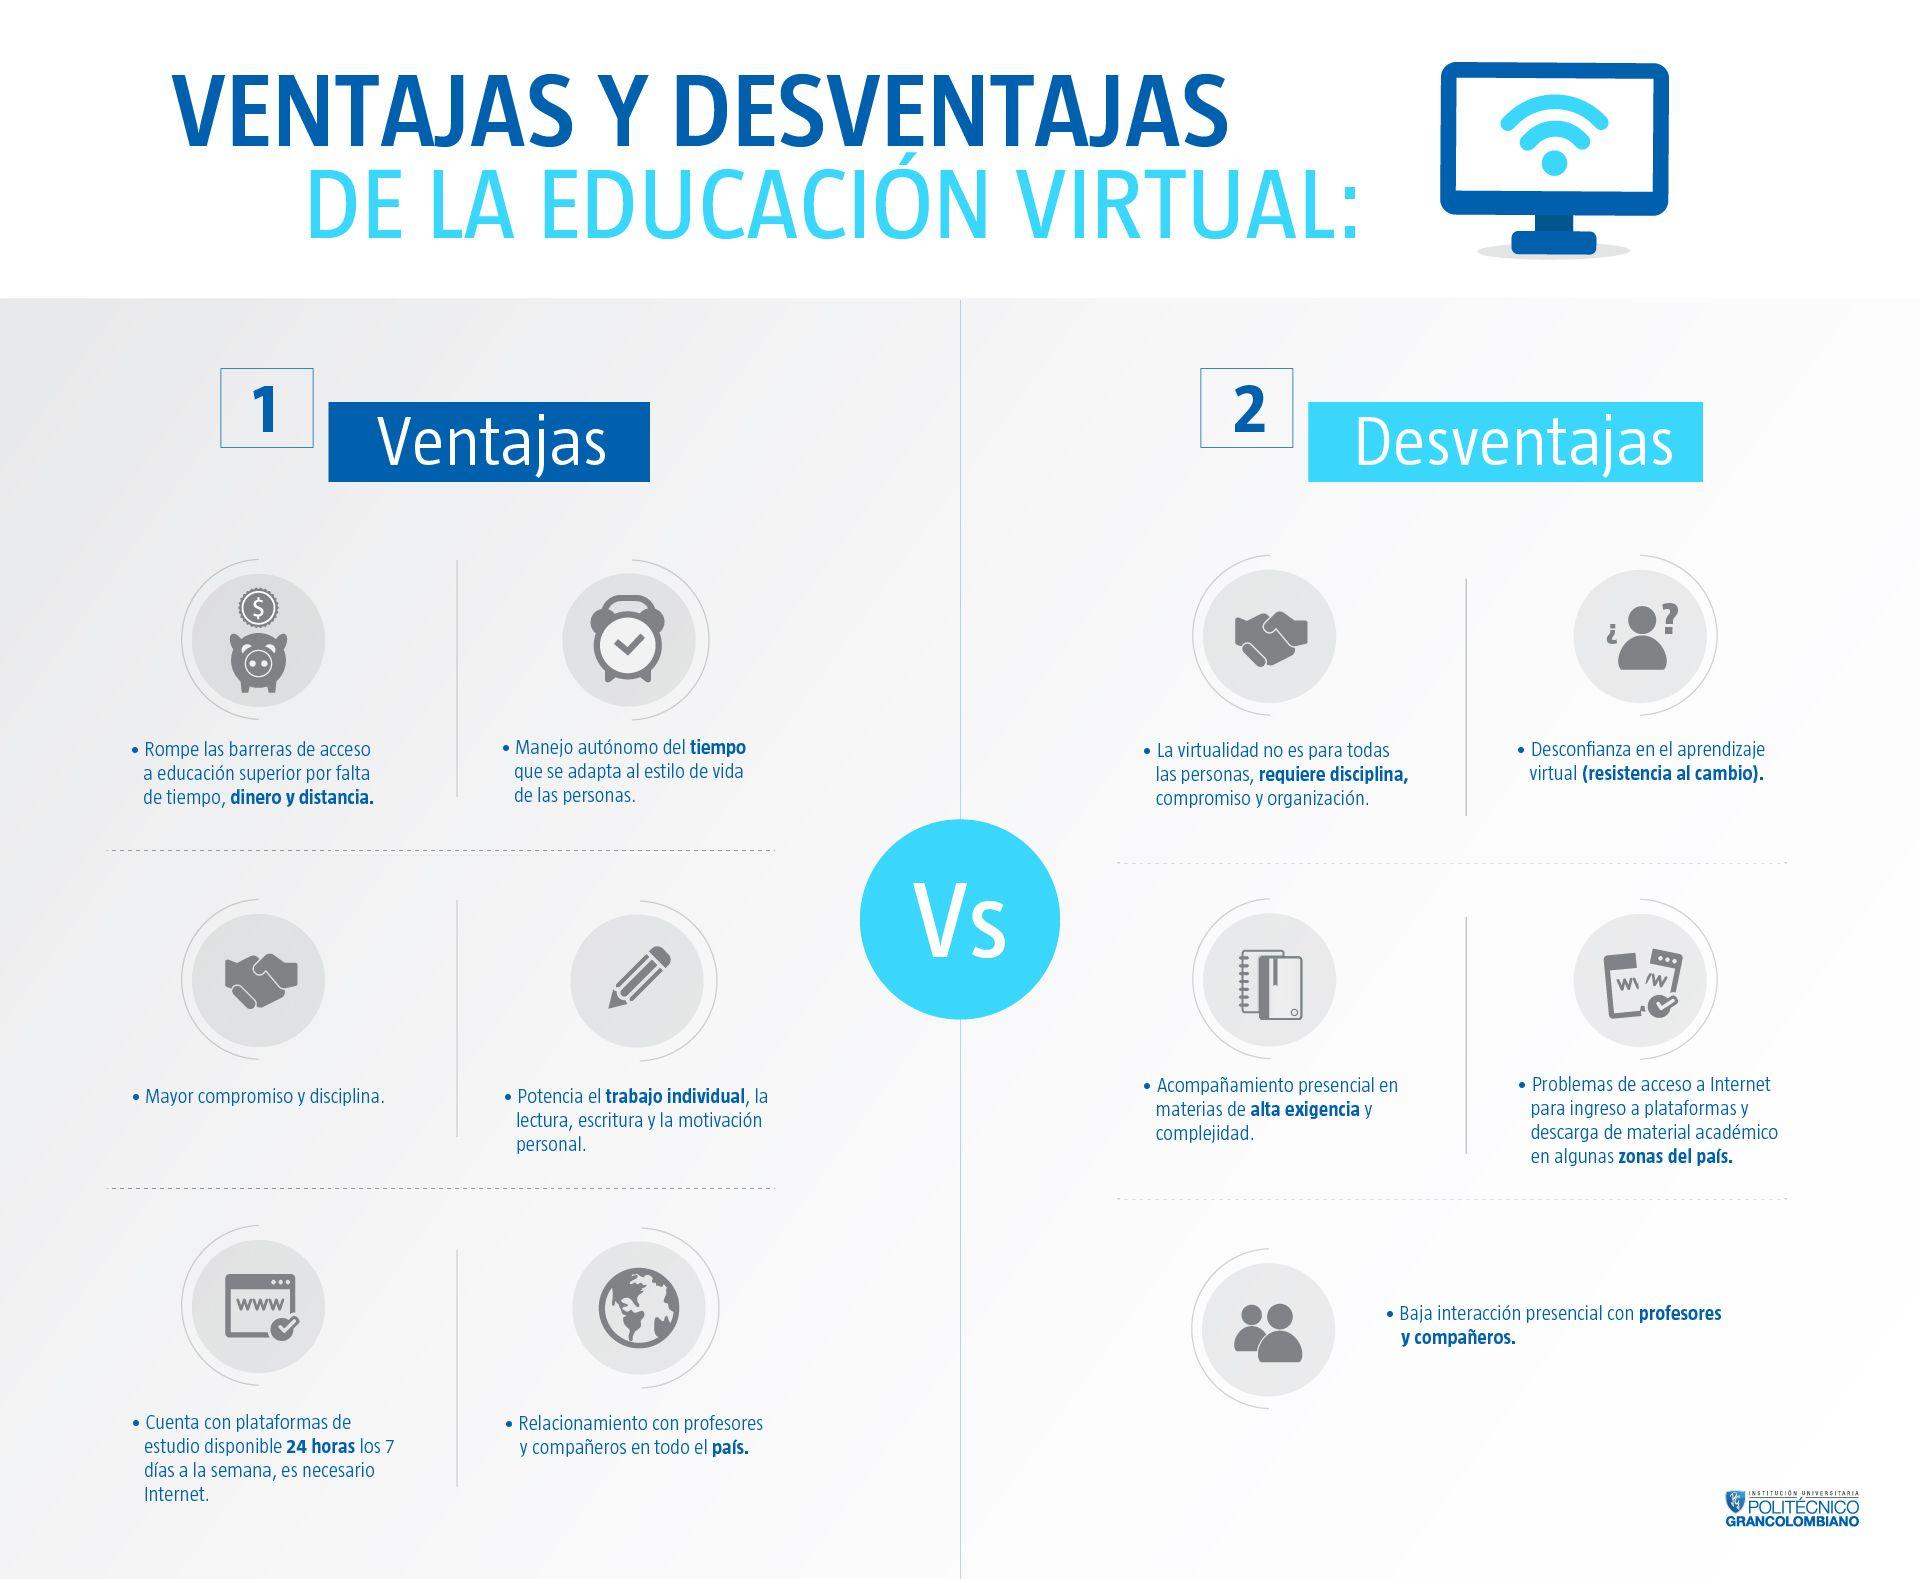 Ventajas Y Desventajas Educacion Virtual Infografia Polivirtual Jpg 1920 1579